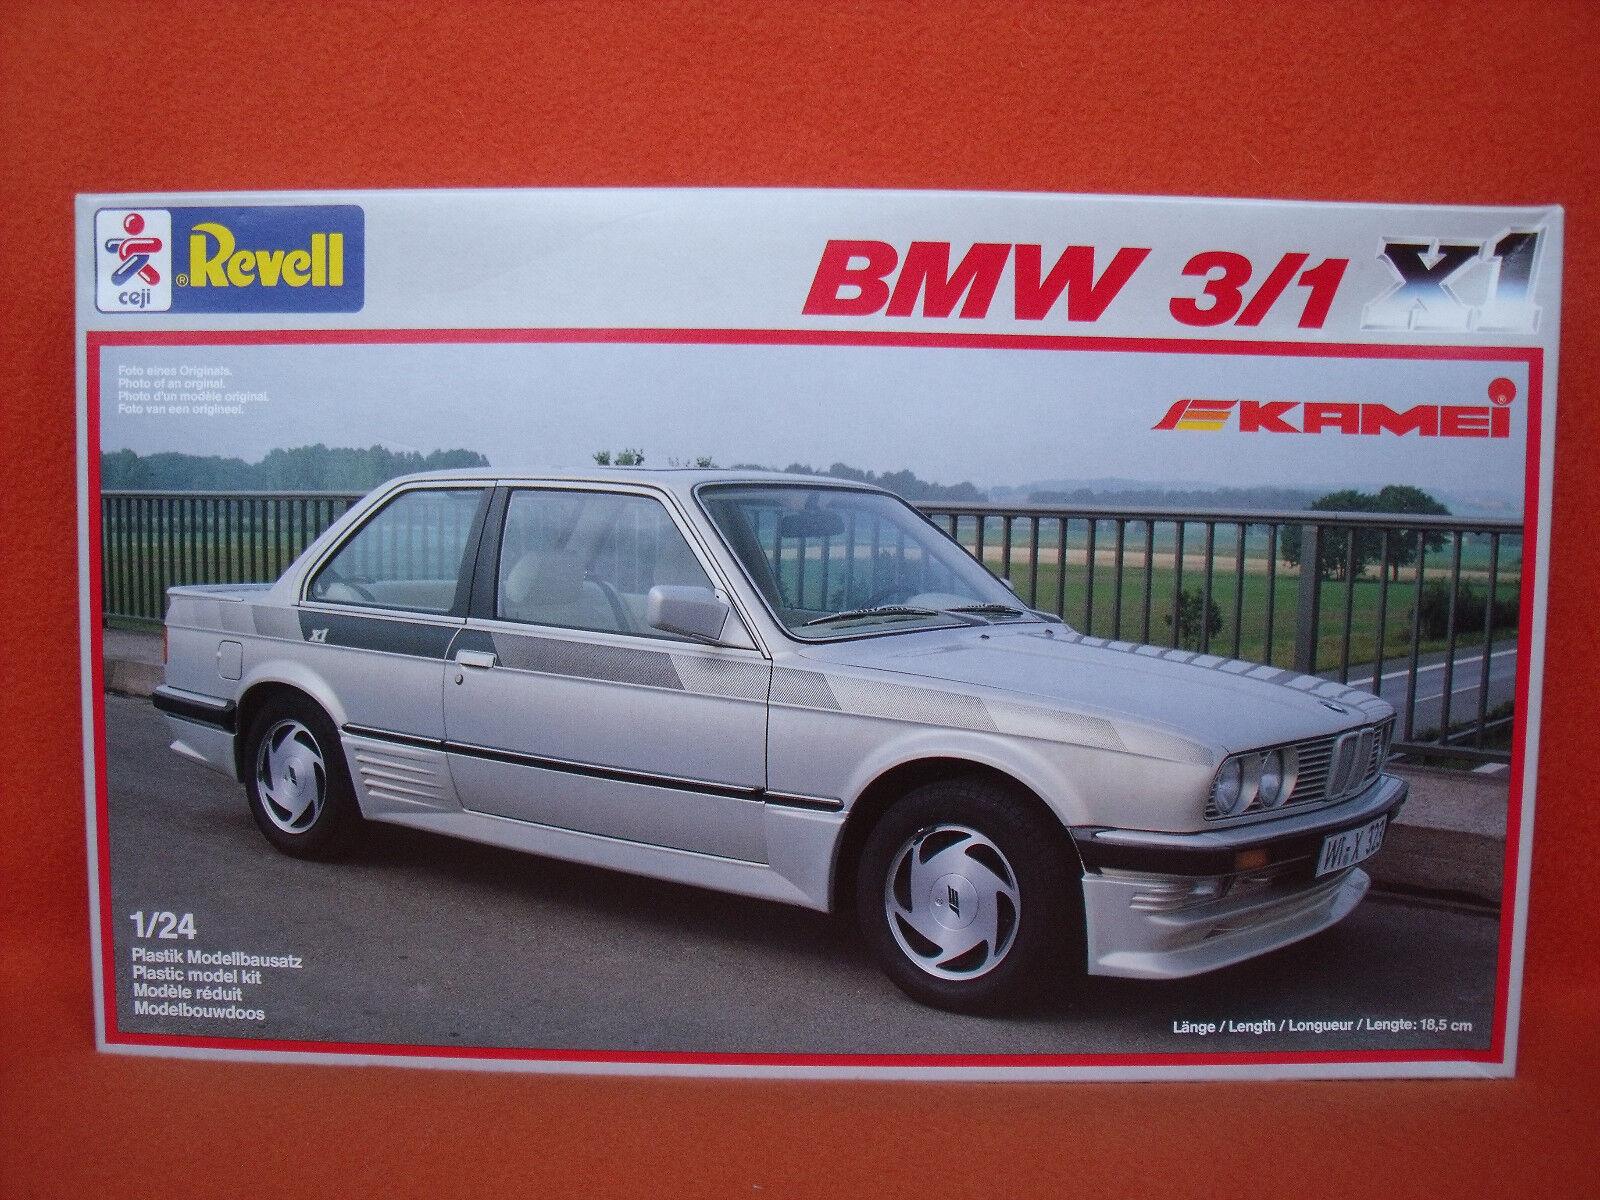 Revell ® 7263 BMW 3 1 X1 Kamei 1 24    Vorzüglich